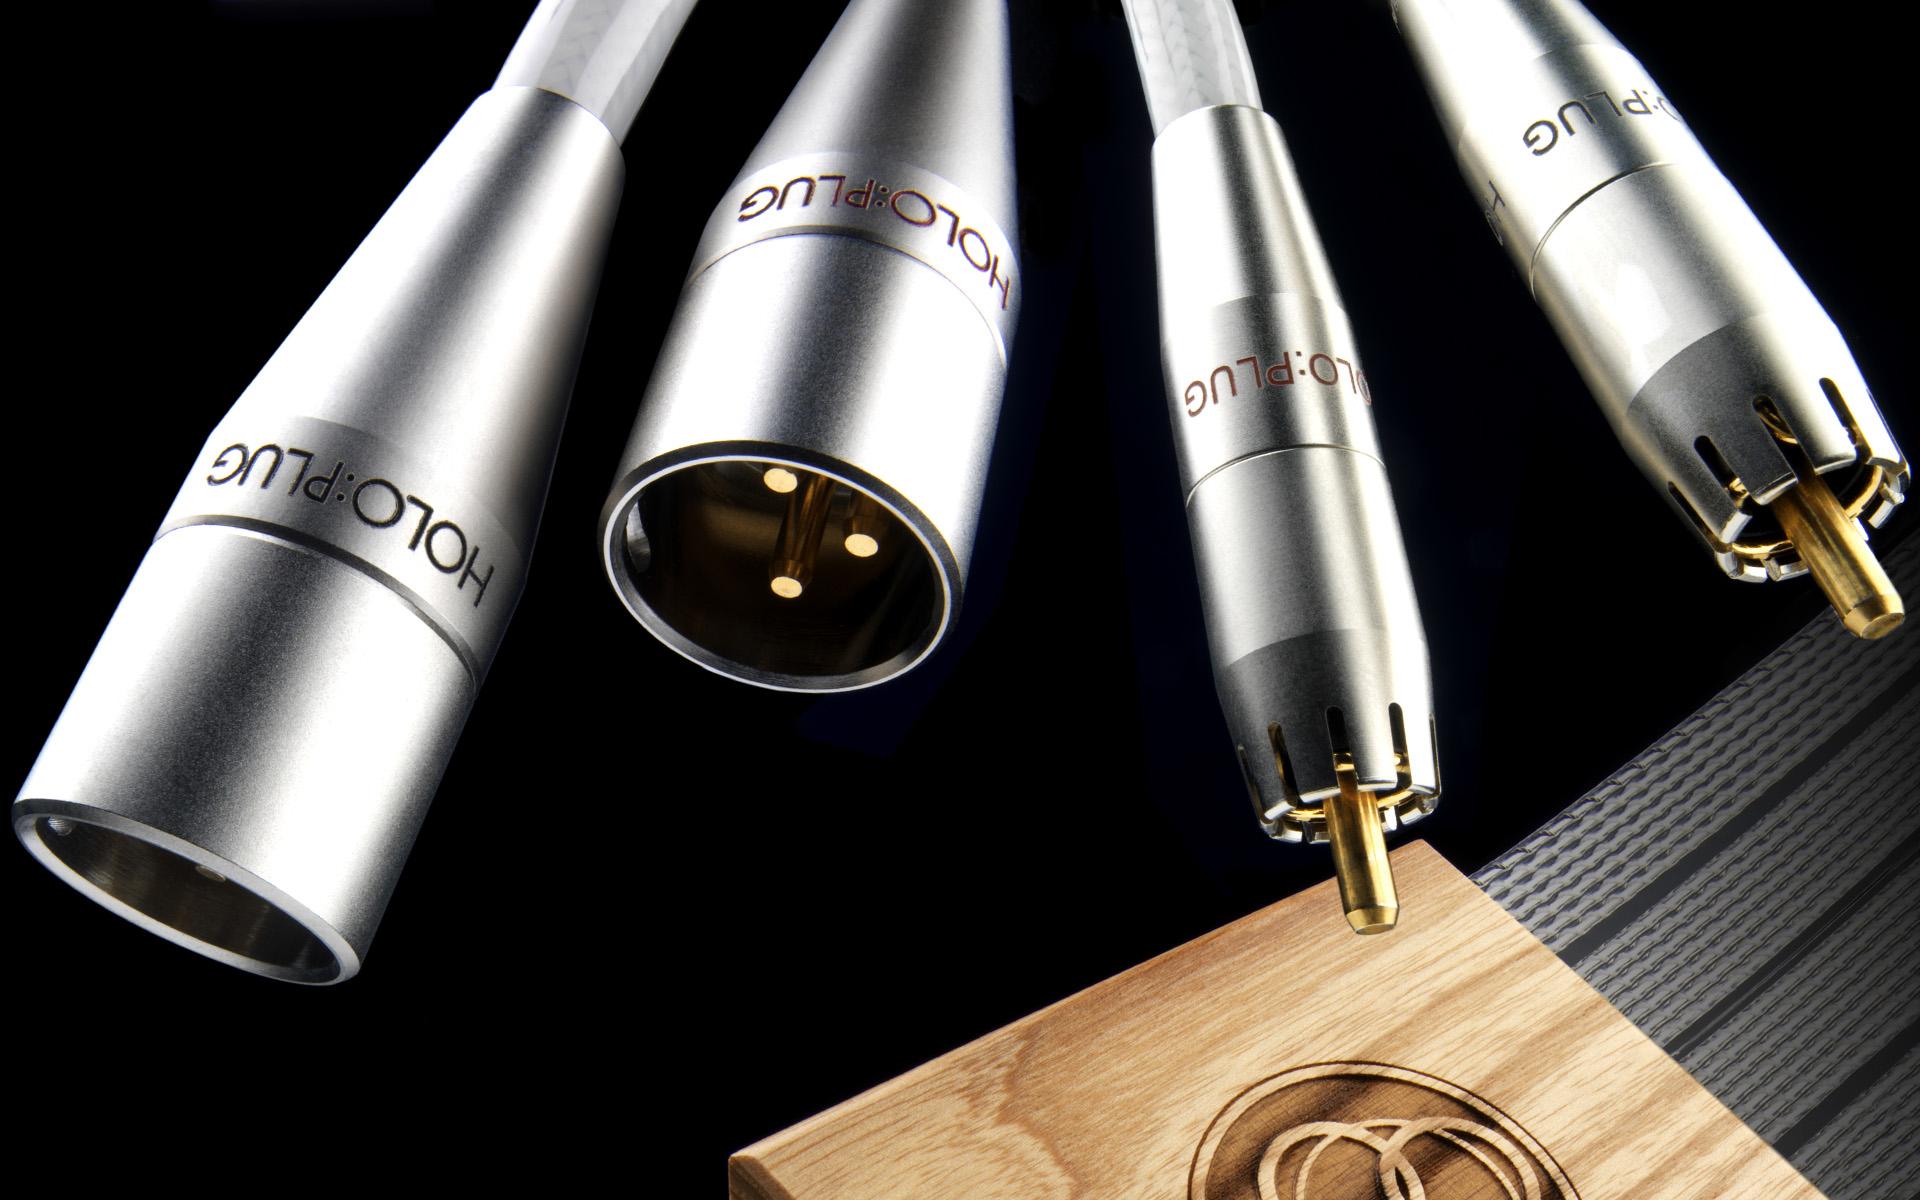 Межблочные кабели Nordost серии Valhalla 2 обеспечивают референсное качество звучания независимо от выбранного типа разъёмов